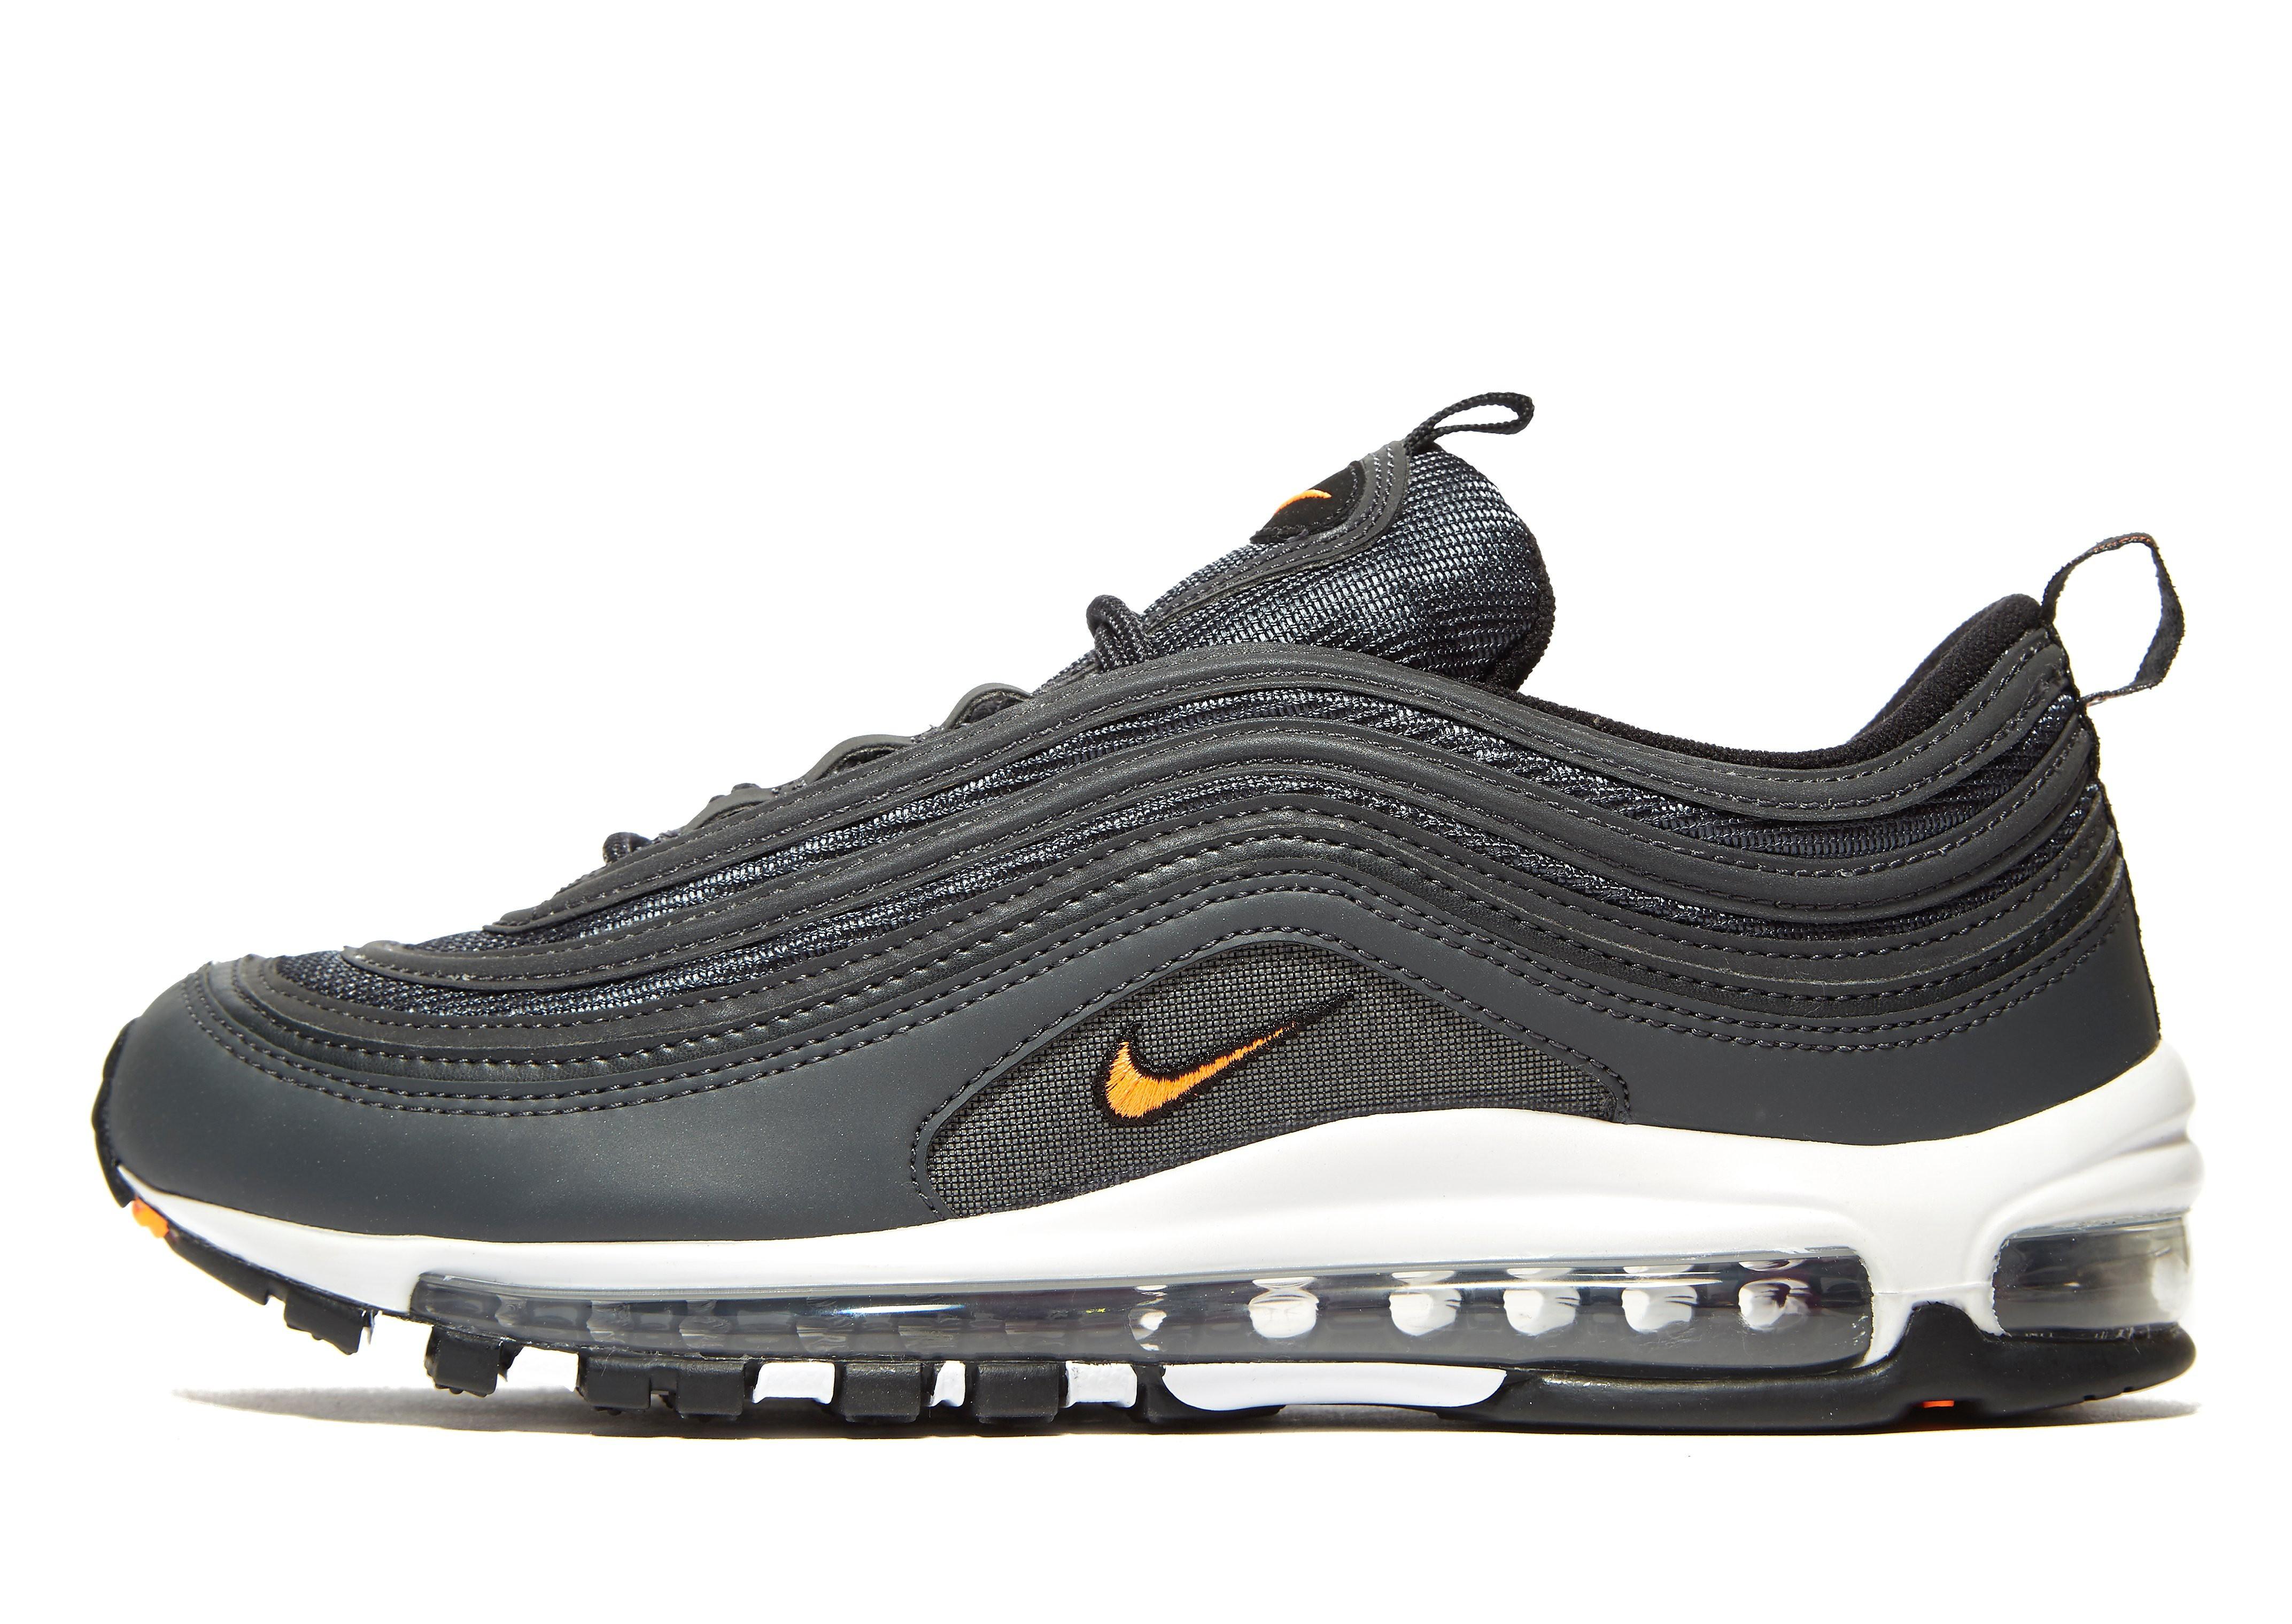 Nike Air Max 97 OG - Grey/White/Black - Mens, Grey/White/Black